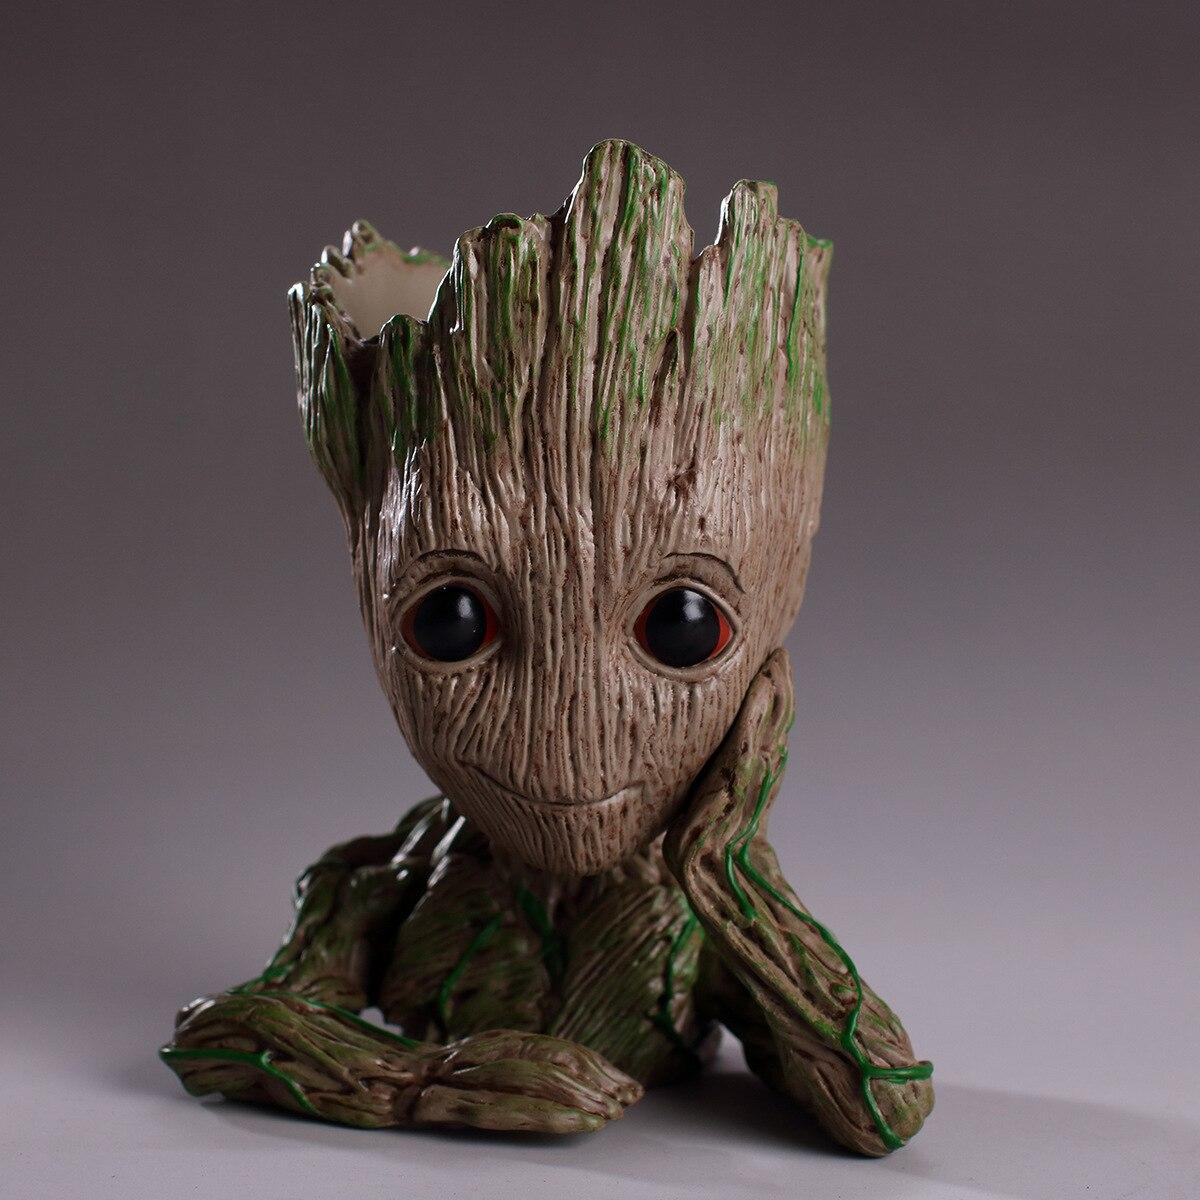 100% QualitäT Kostenloser Versand Ganze Verkauf Animation Guardians Of The Galaxy Blume Topf Baum Groot Baby Kleine Baum Pvc Hand Zu Tun Ornamente GläNzende OberfläChe